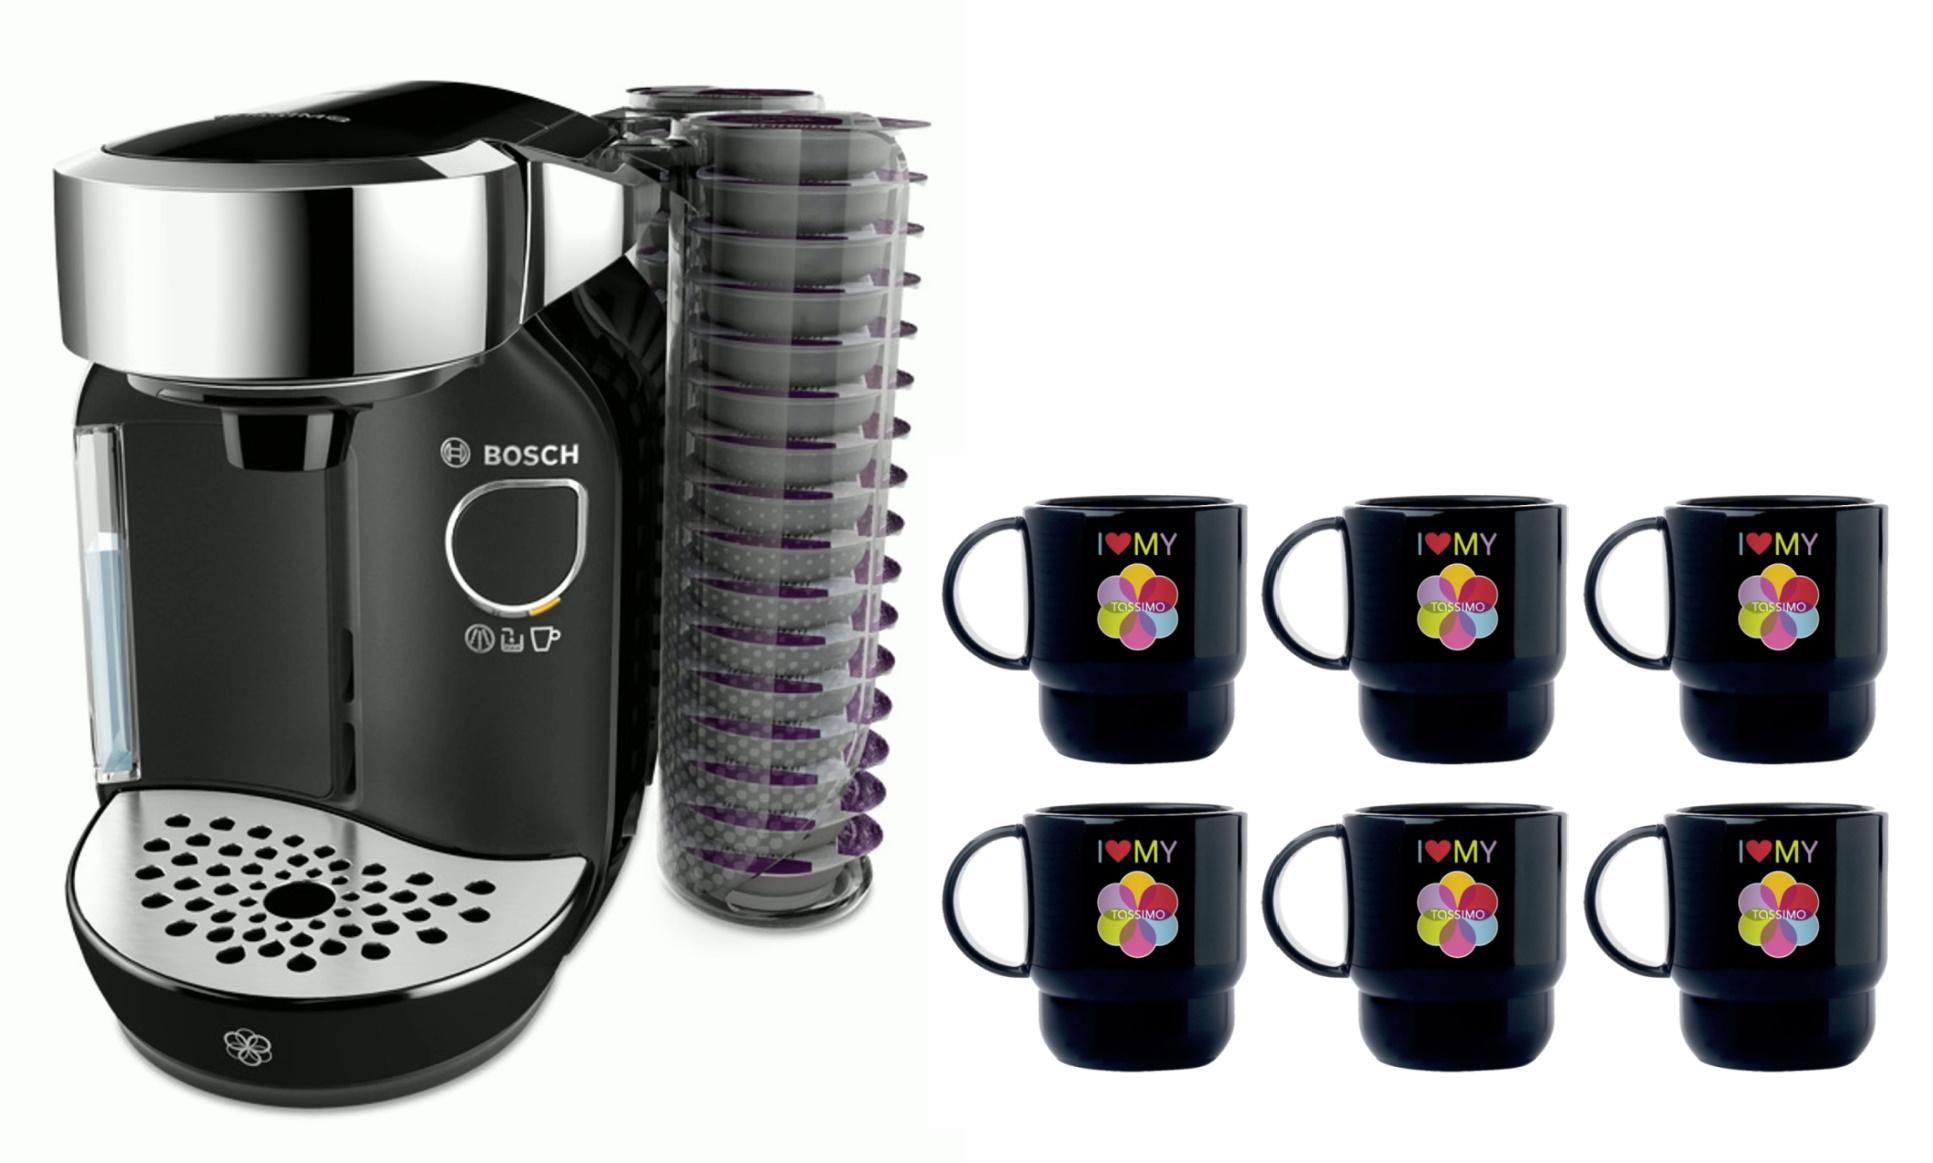 [Paket] Bosch TASSIMO Caddy + 20 EUR Gutscheine* + 6x Tupper Becher Kaffee Maschine